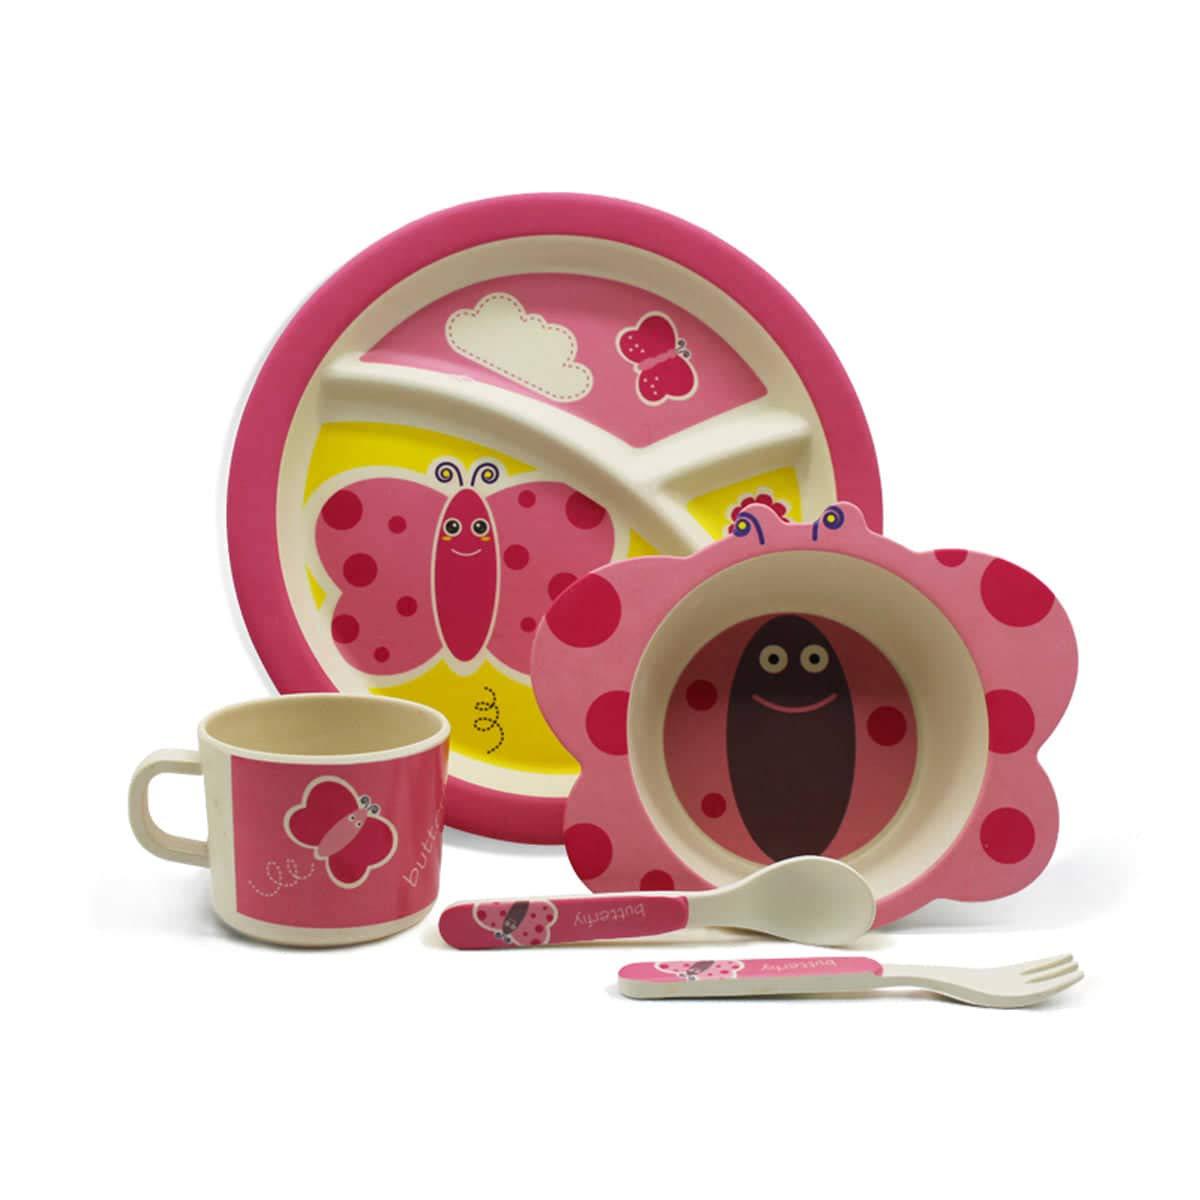 mariposa Vajilla infantil de bamb/ú juego de vajilla infantil de cuberter/ía cuenco para cereales vasos plato para ni/ño apto para lavavajillas